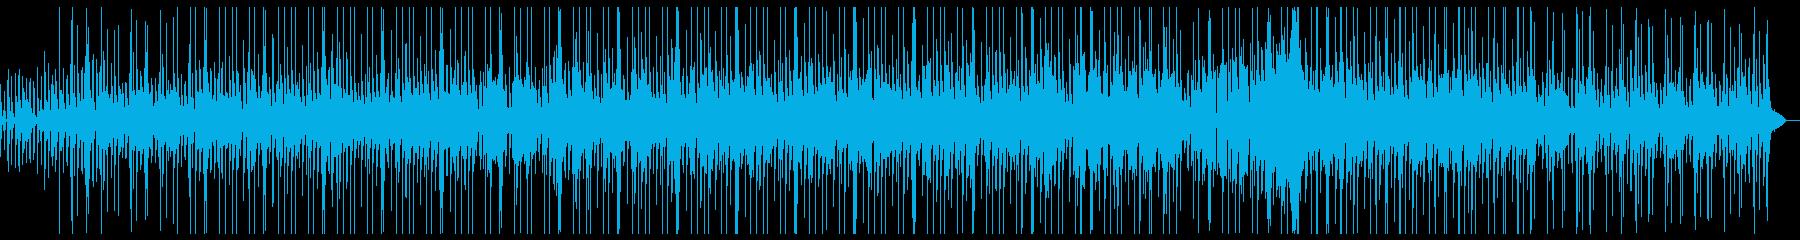 クラシックギターのスムースジャズの再生済みの波形